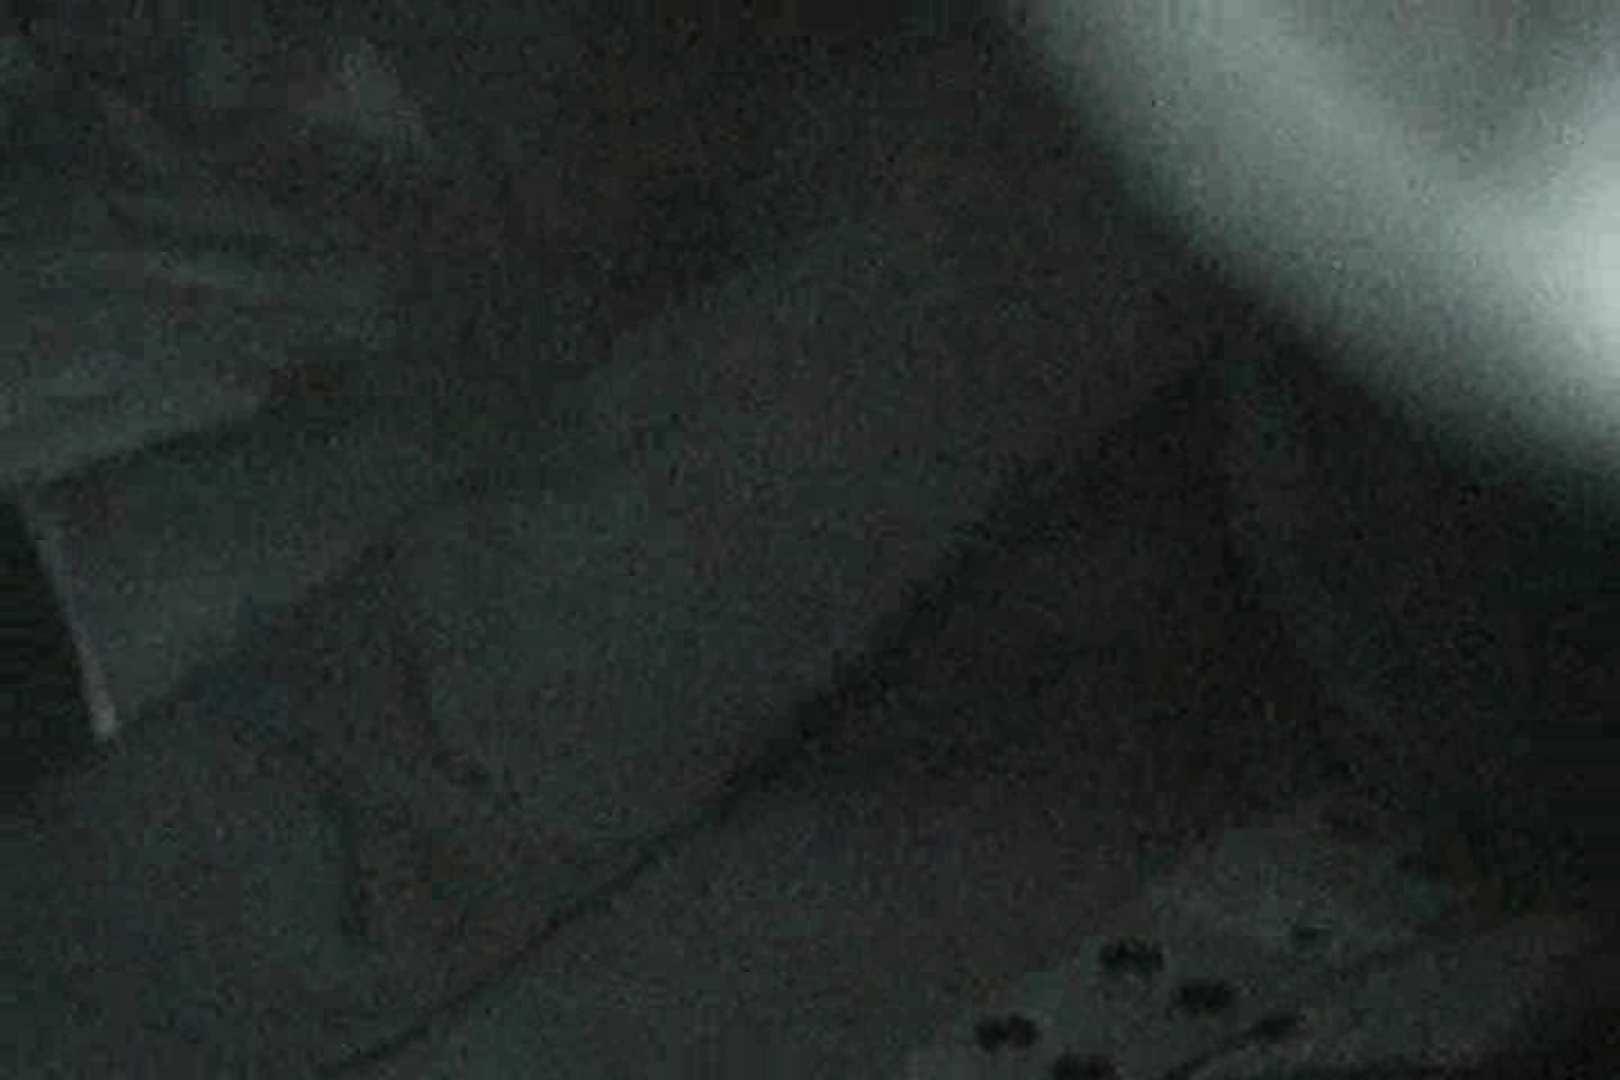 充血監督の深夜の運動会Vol.2 車 のぞき動画画像 61pic 23